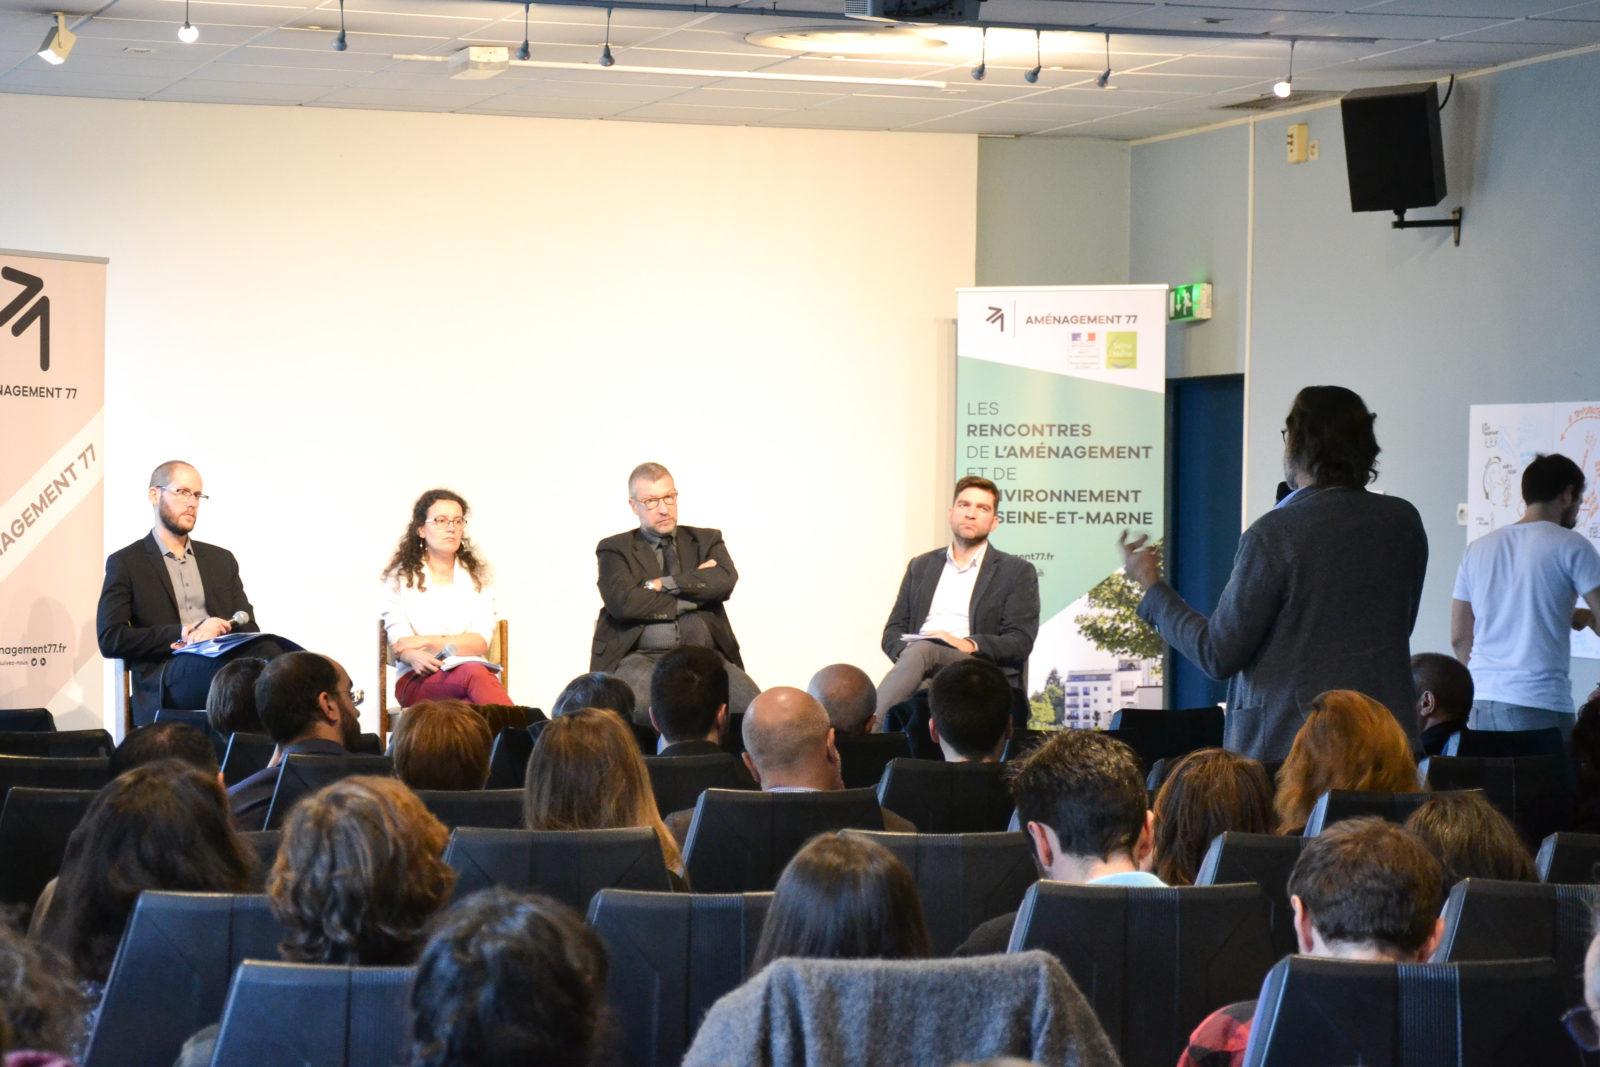 1ère table ronde : François CORRE (Aménagement 77), Virginie ANDIAS (DDT 77), Christophe PARISOT (Seine-et-Marne Environnement), Alexandre MAIKOVSKY (EPA Sénart)